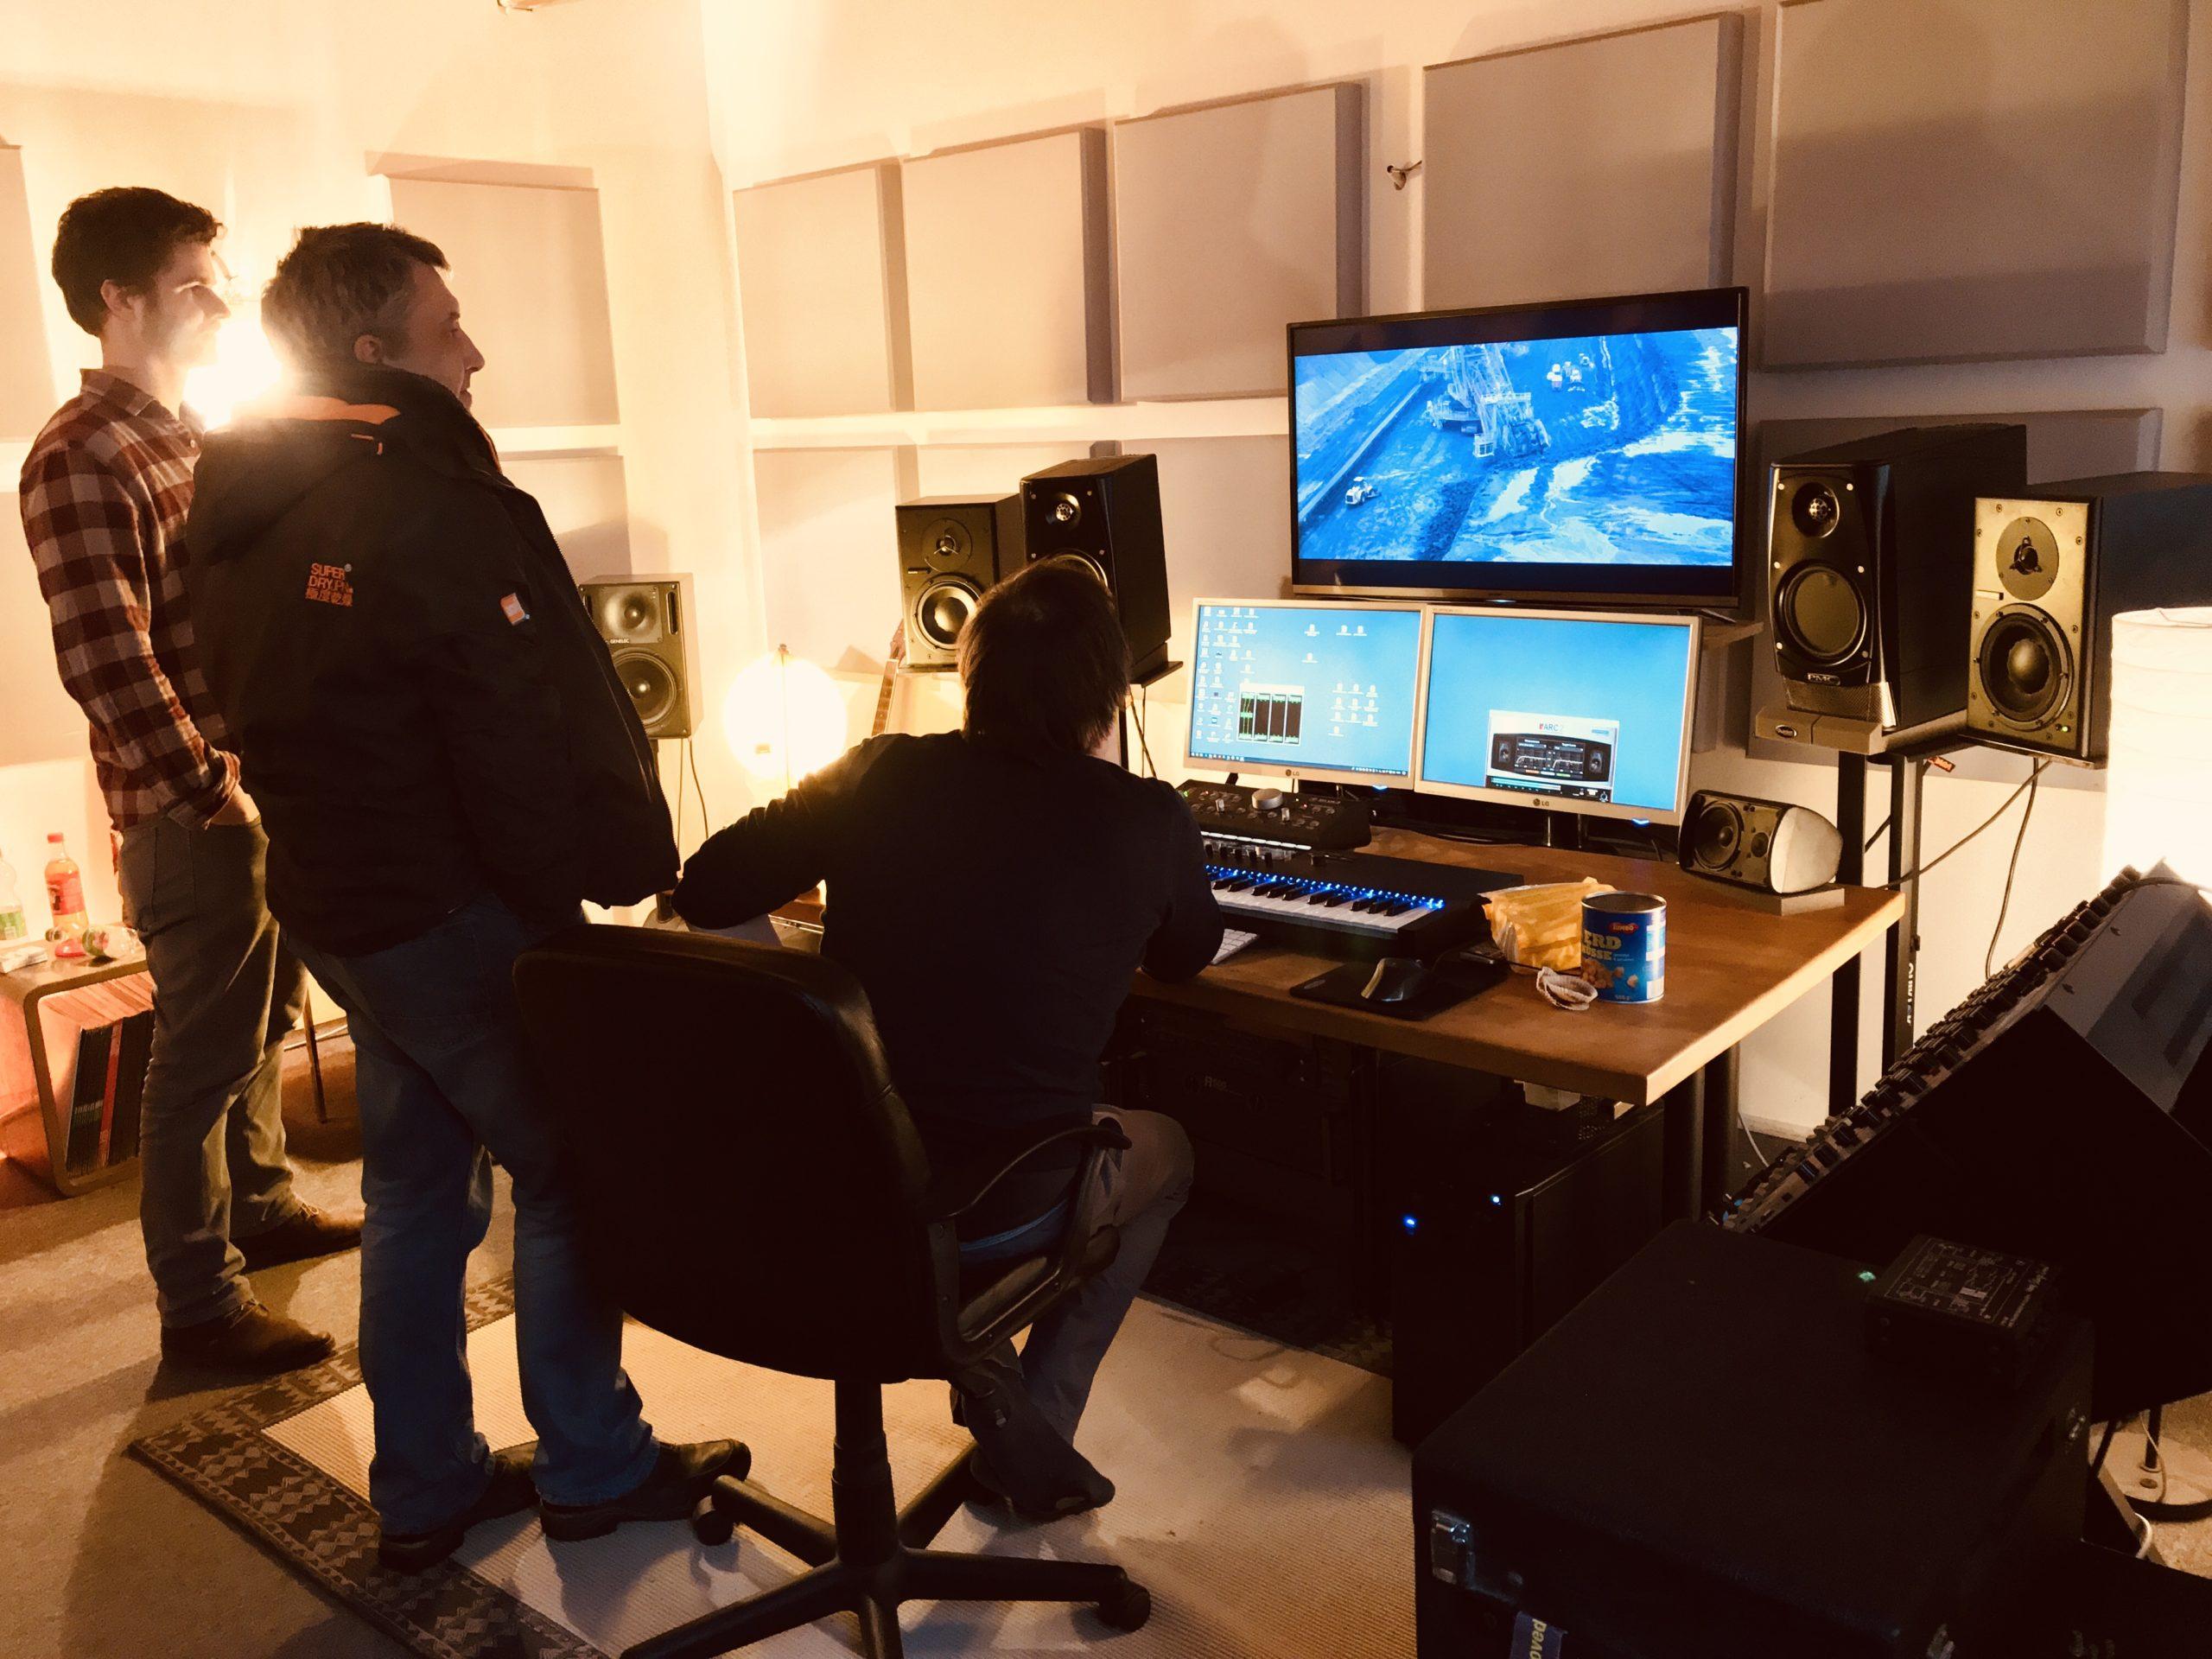 finalisierung-abraum-seehund-media